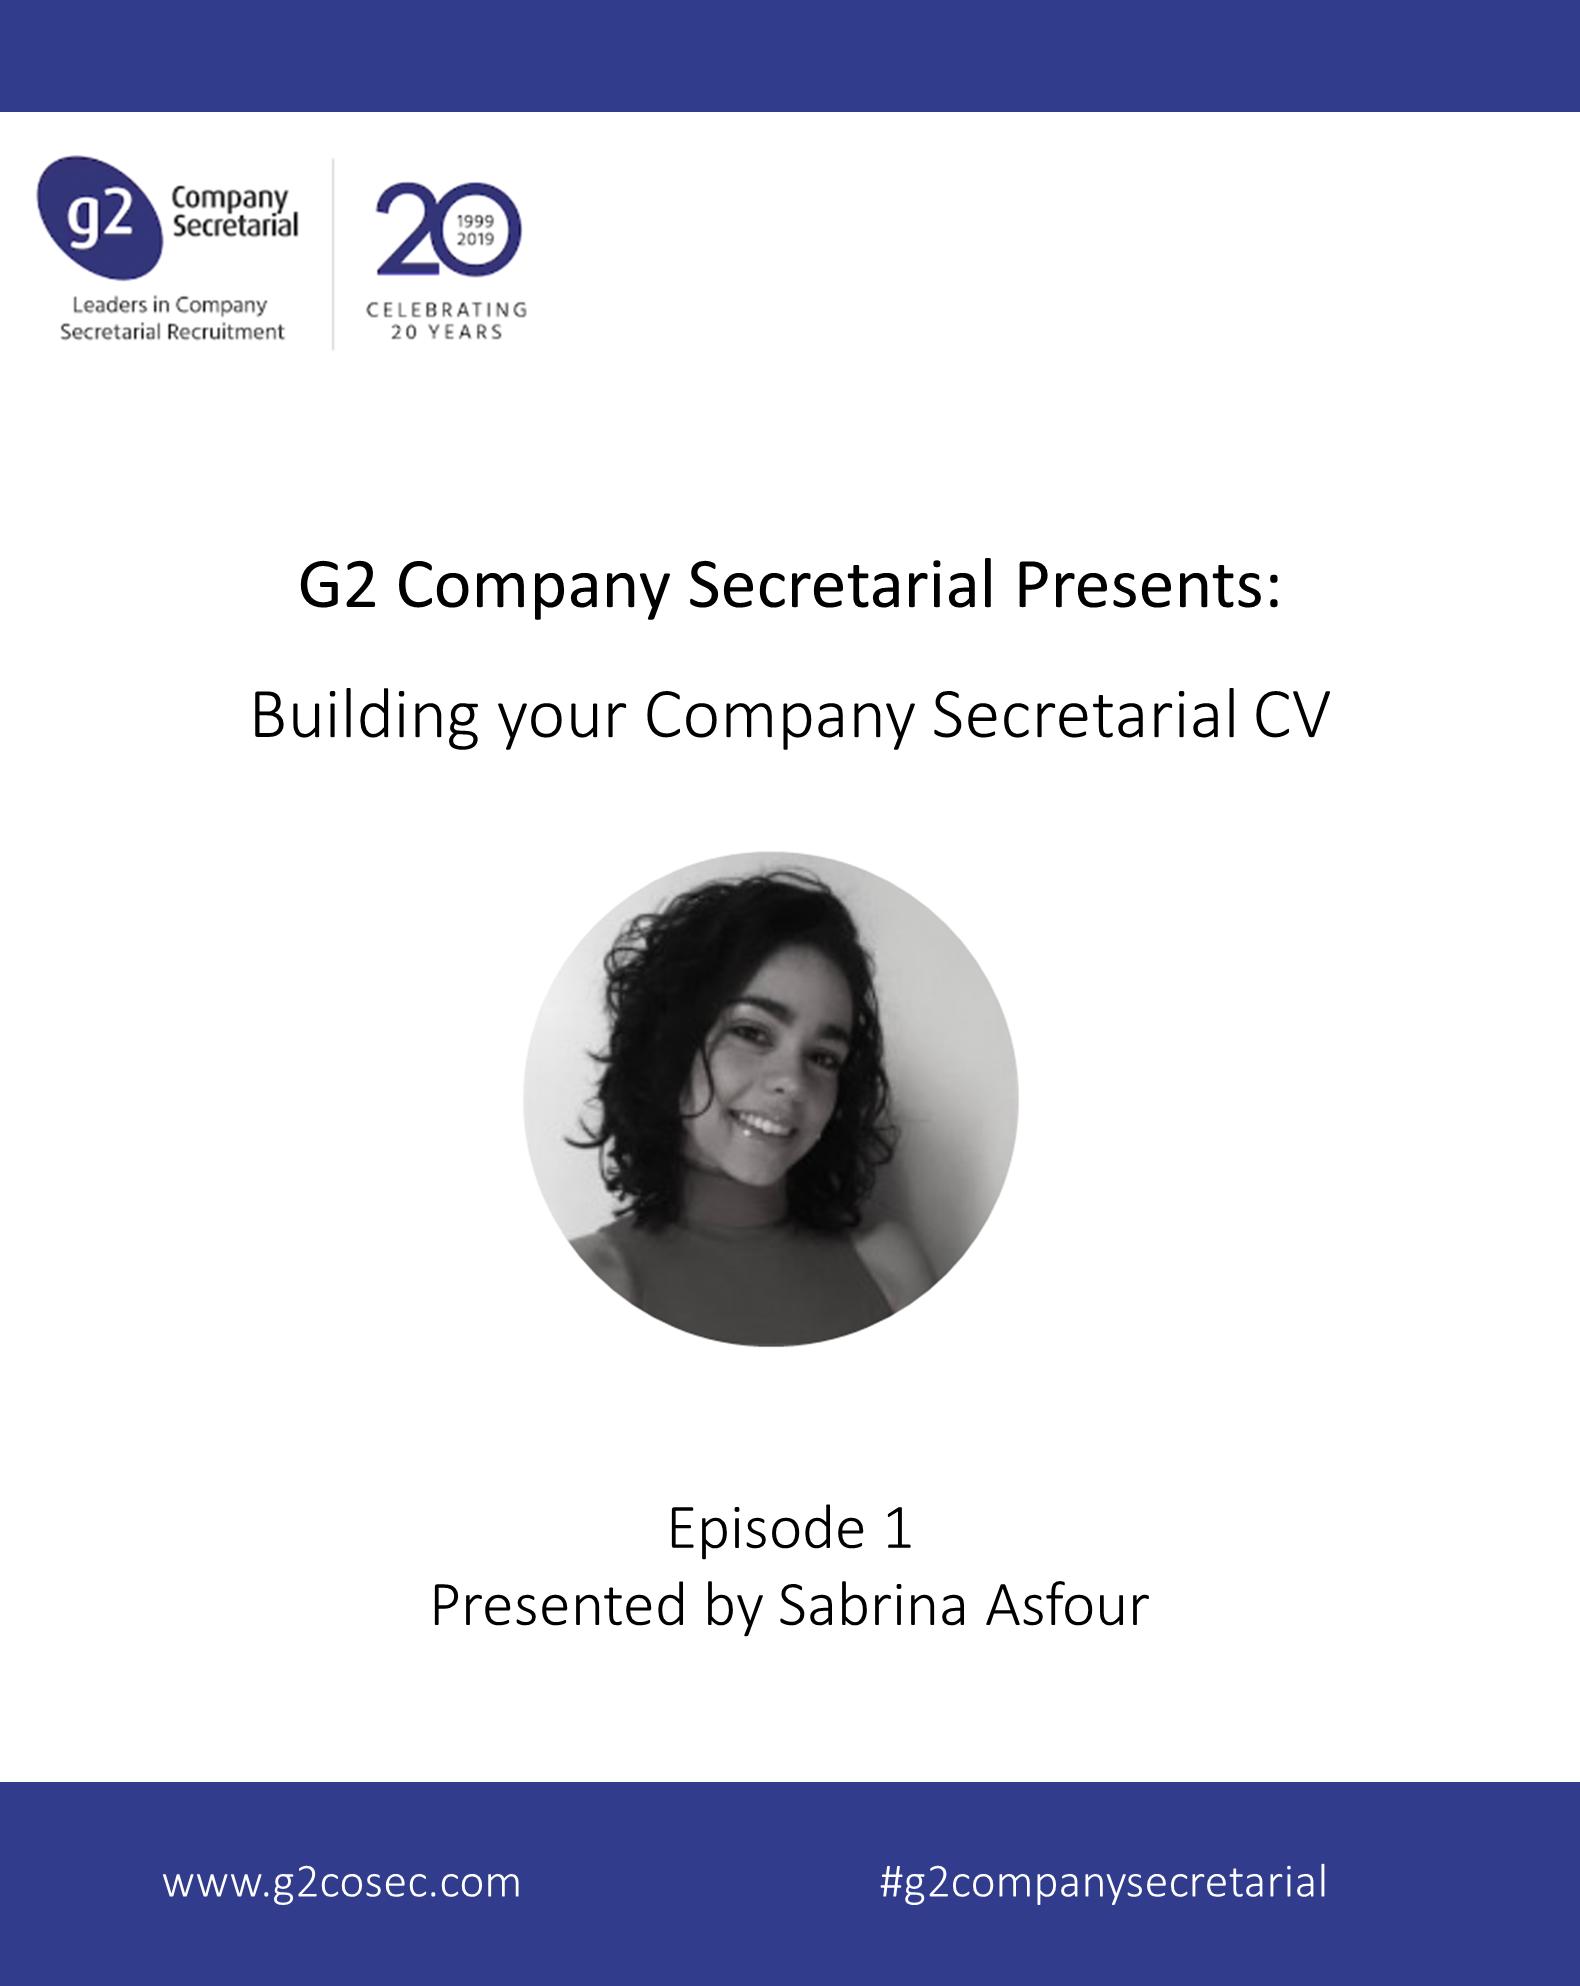 G2 Company Secretarial Presents: Building your Company Secretarial CV